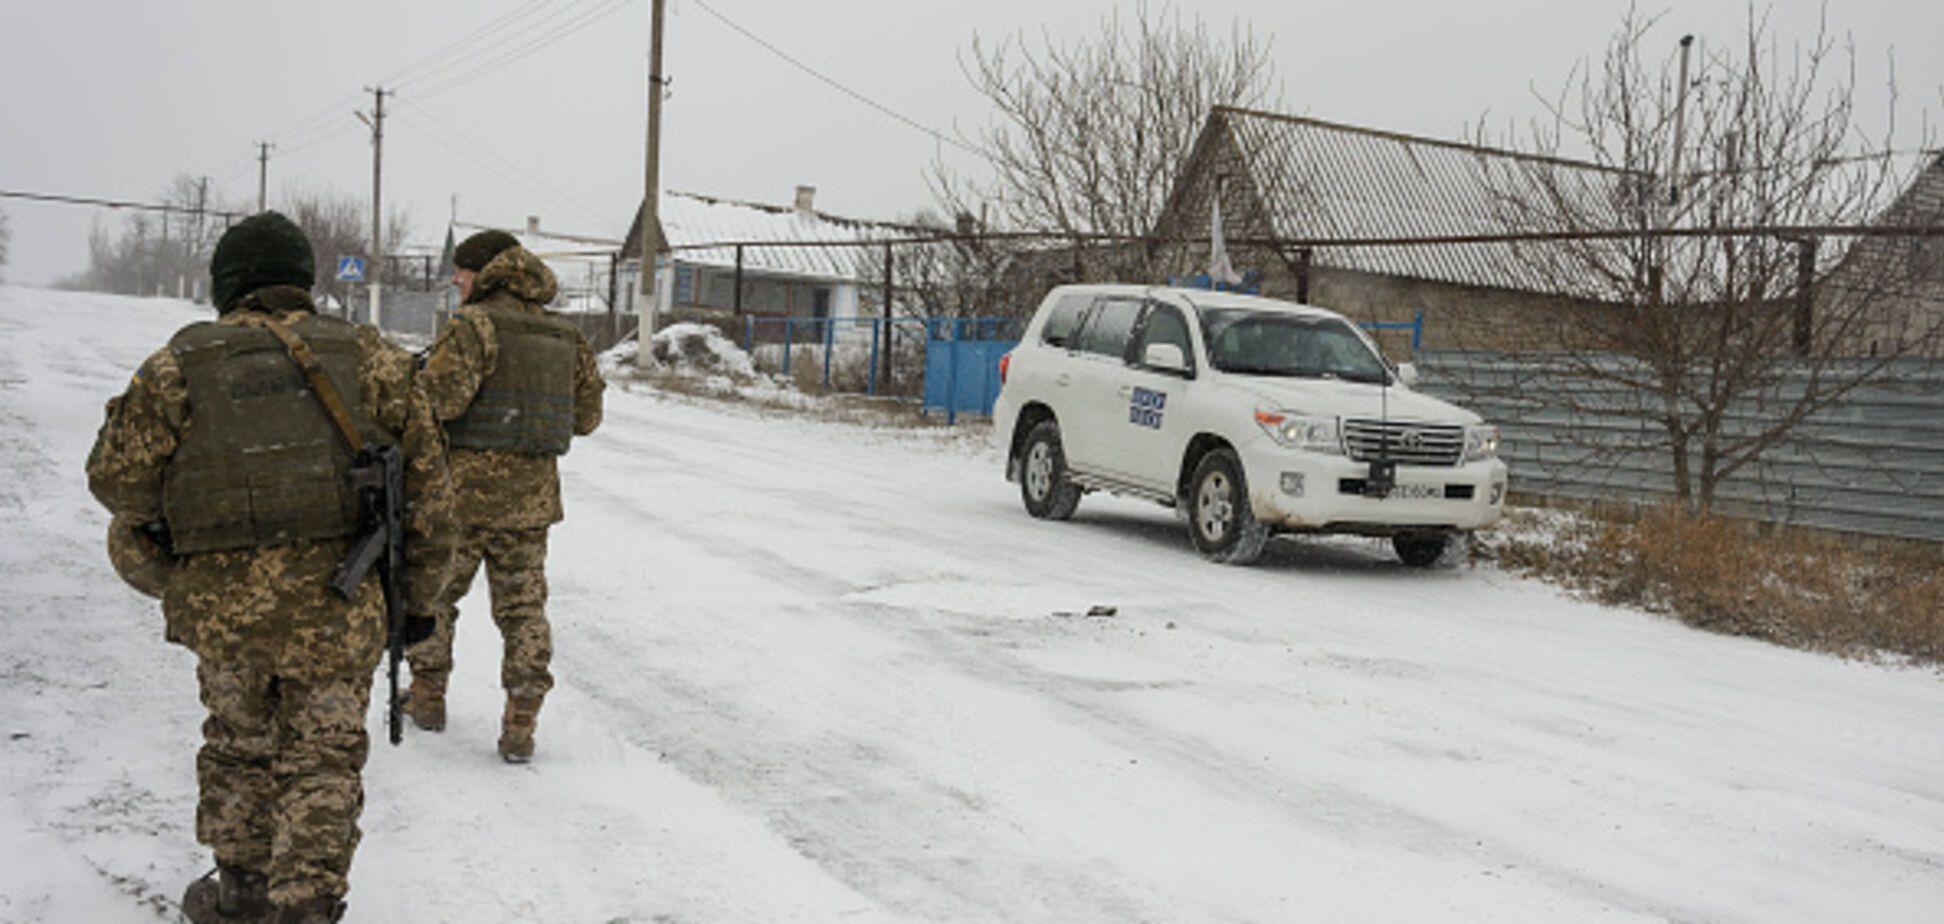 Активно озброюються: в ОБСЄ повідомили тривожні новини про Донбас